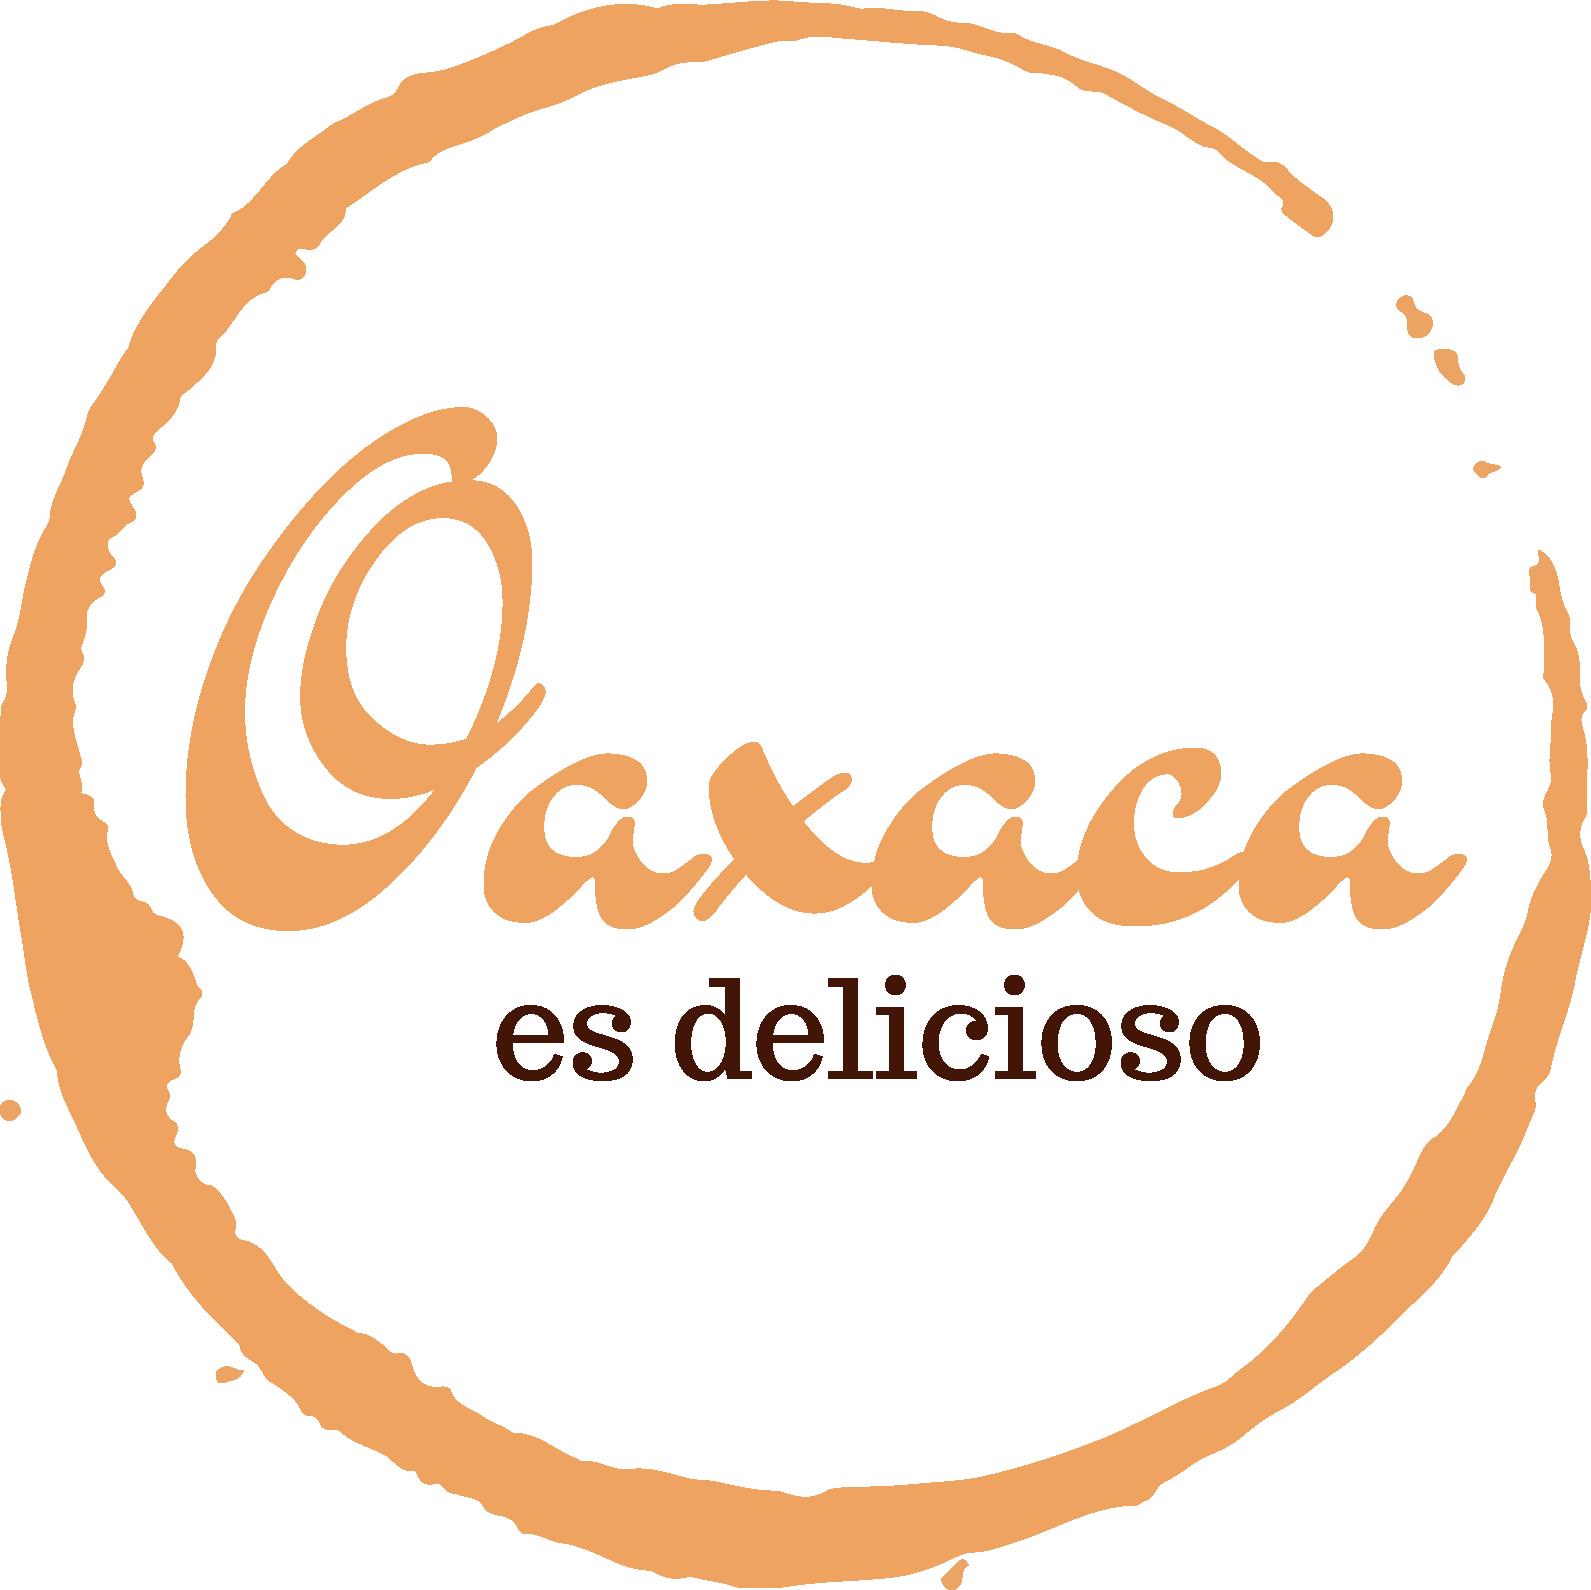 Oaxaca es delicioso